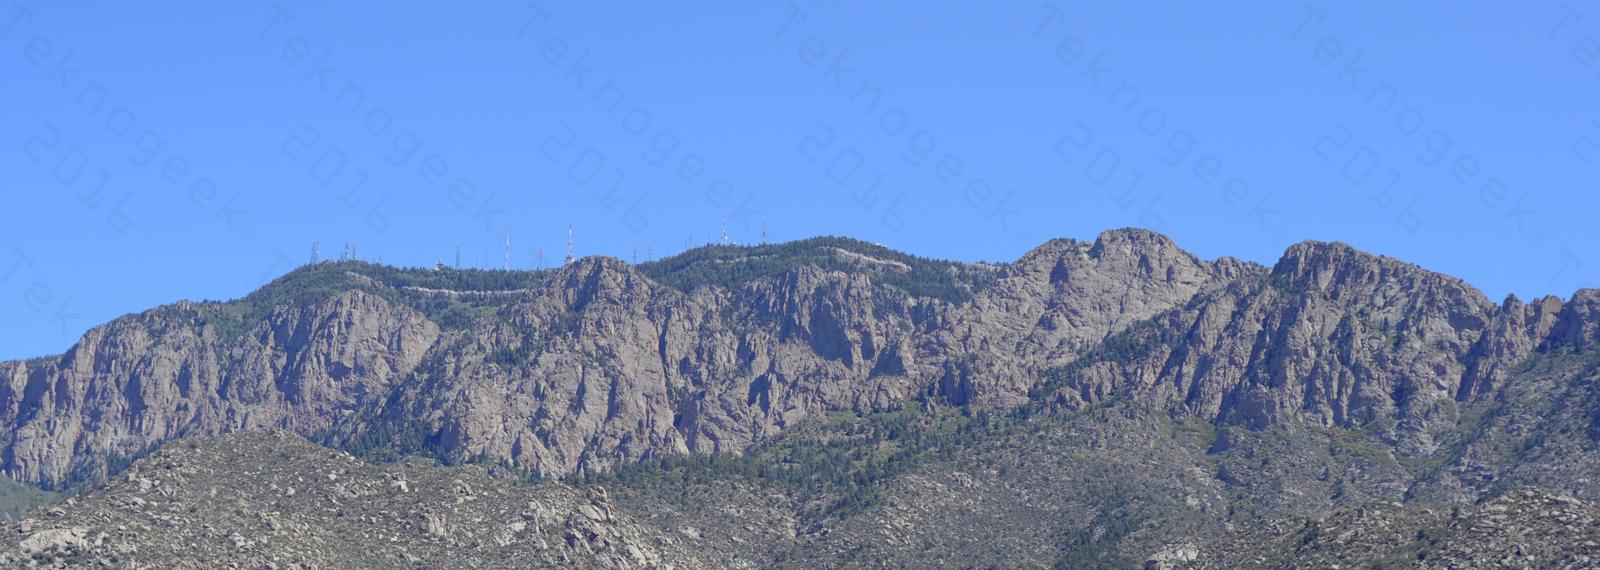 Sandia-Mountains-TG